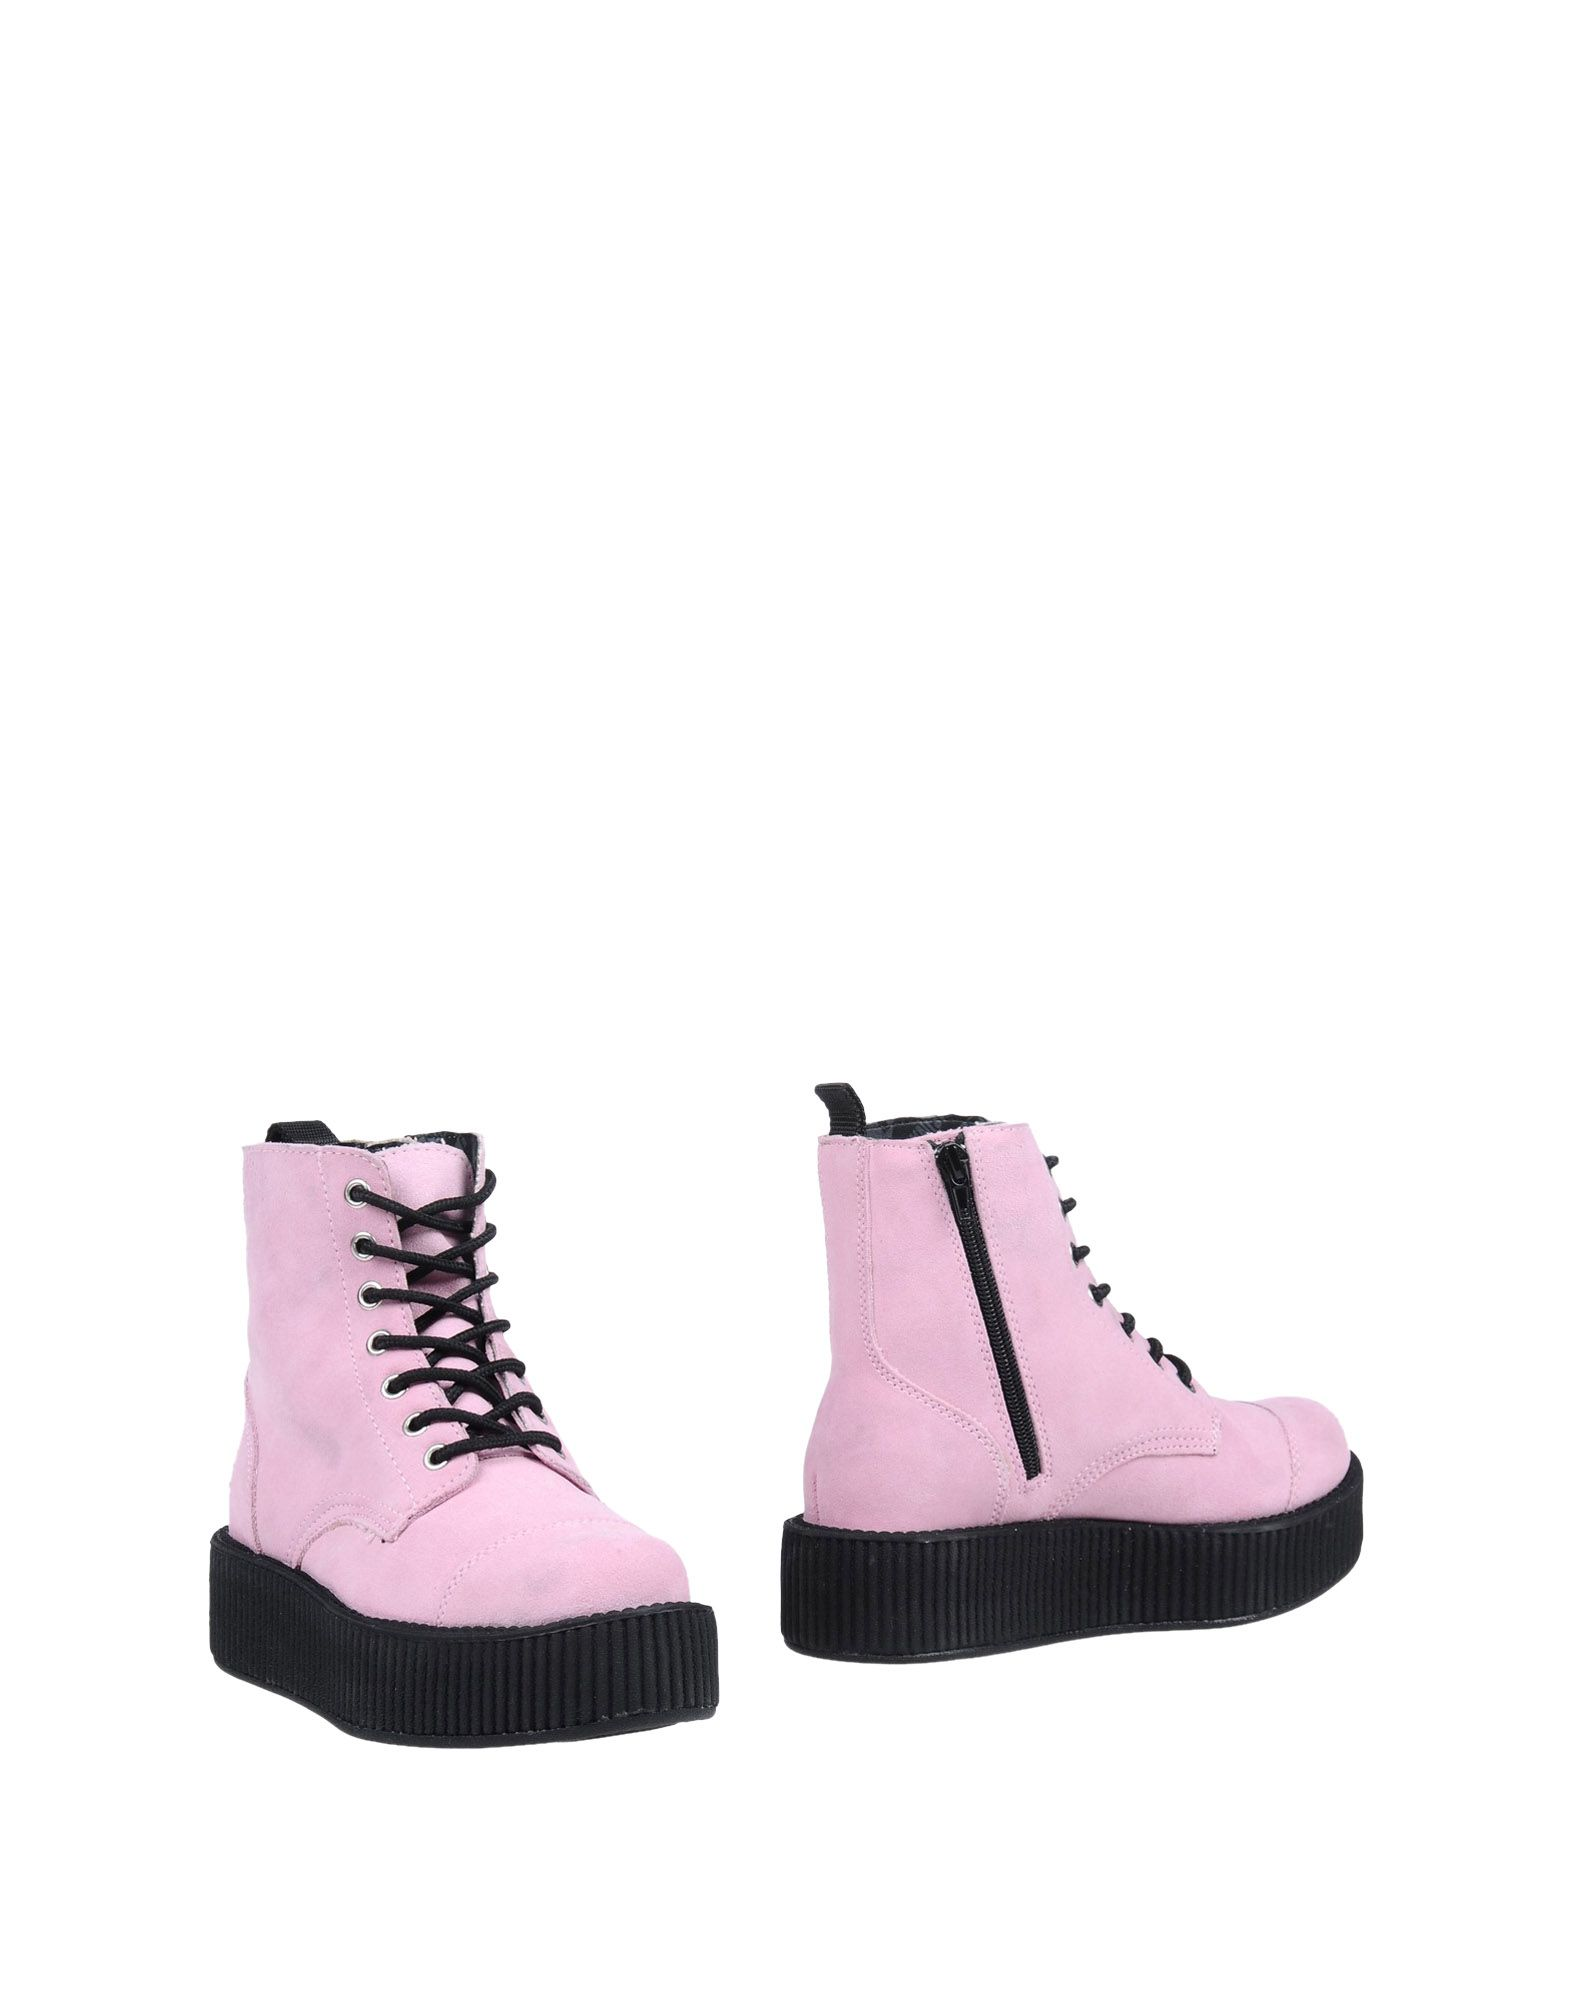 Haltbare Mode billige Schuhe T.U.K Stiefelette Damen  11421445DI Heiße Schuhe